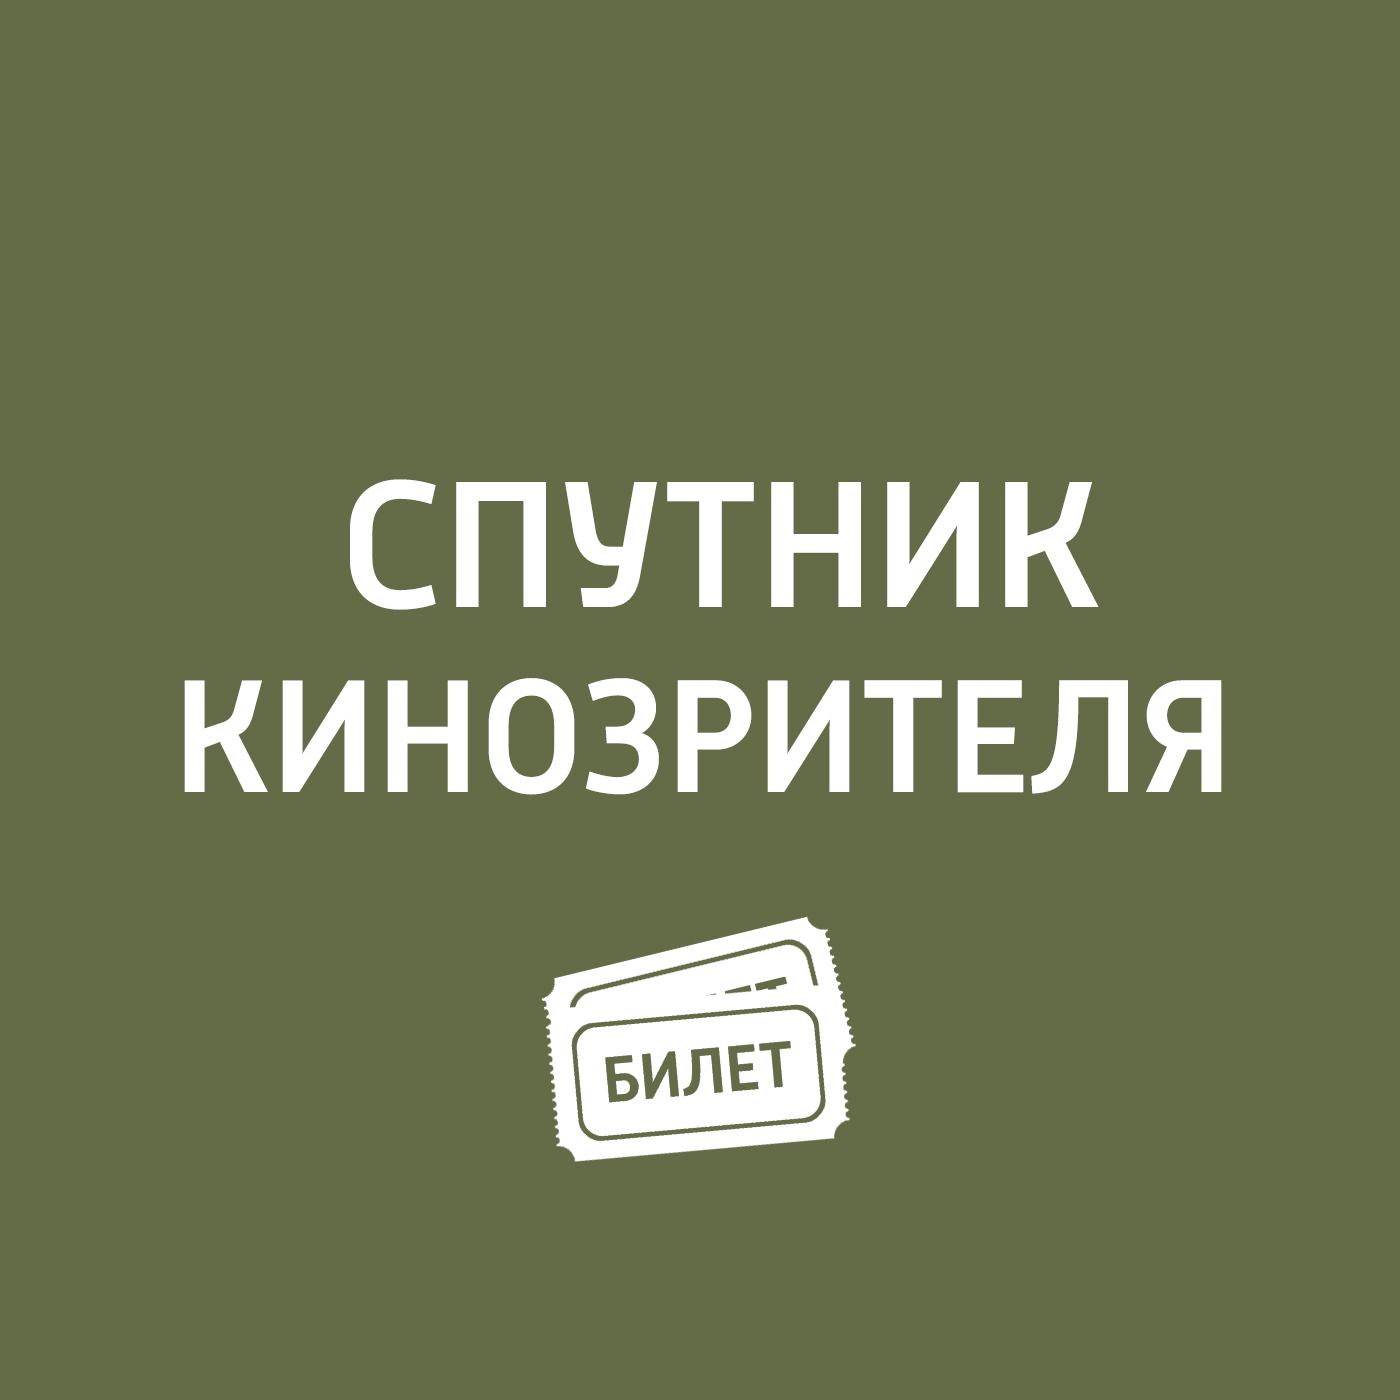 все цены на Антон Долин Премьеры «Несносные леди